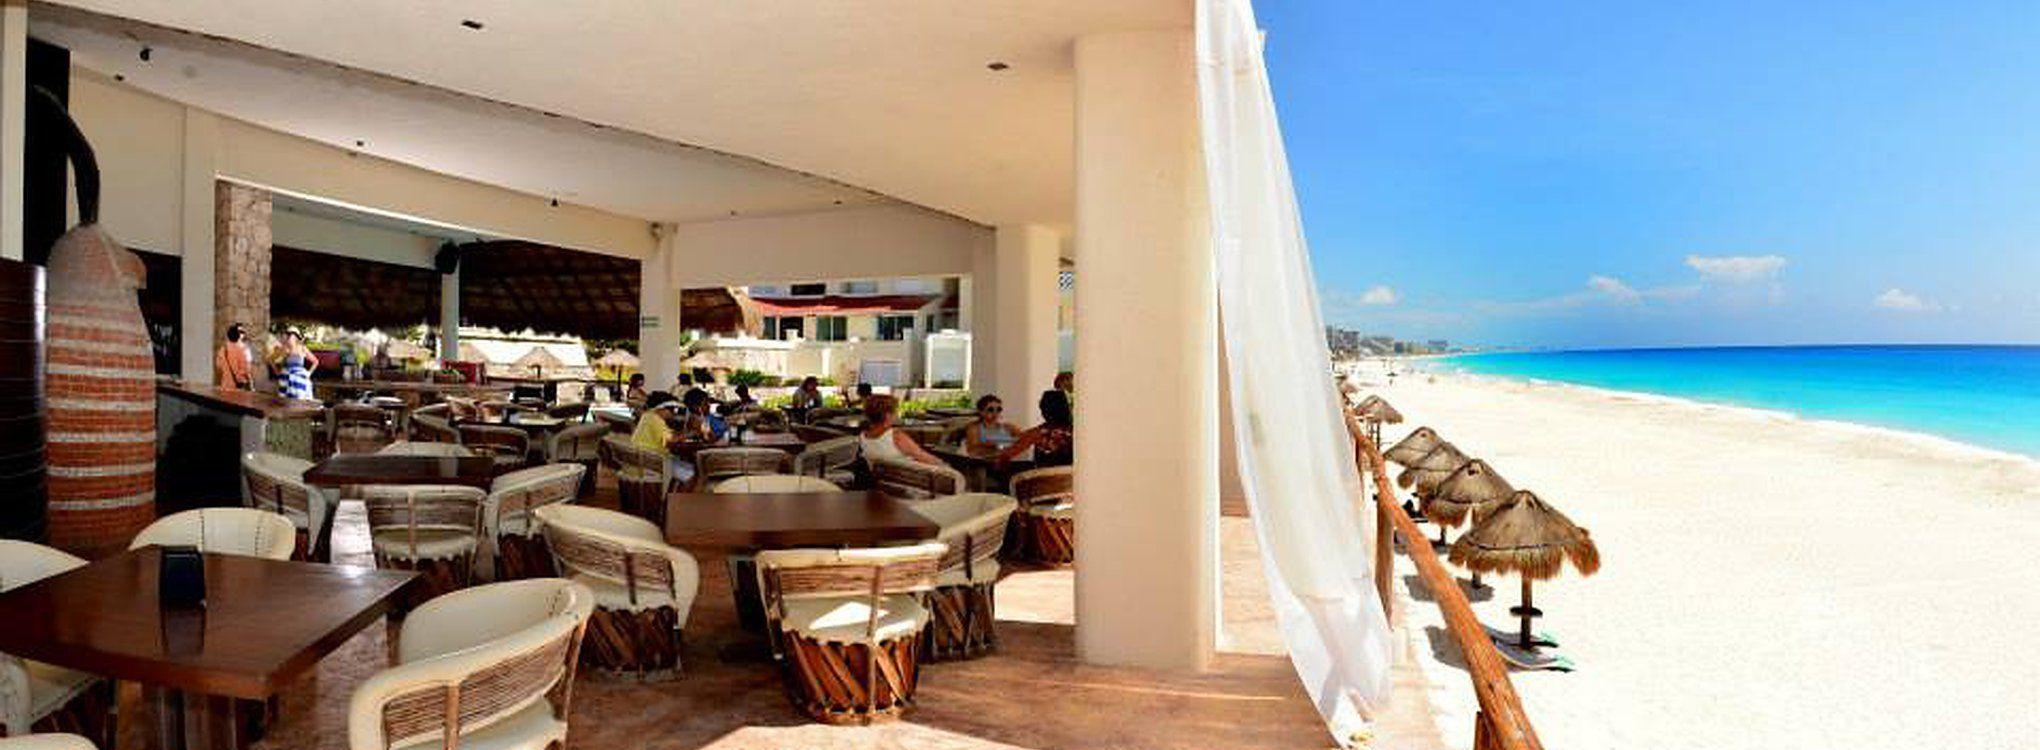 Ubicado en el norte de la zona hotelera de cancun, hotel familiar con dos albercas habitaciones vista al mar, estacionamiento y ofertas continuas reserva ya